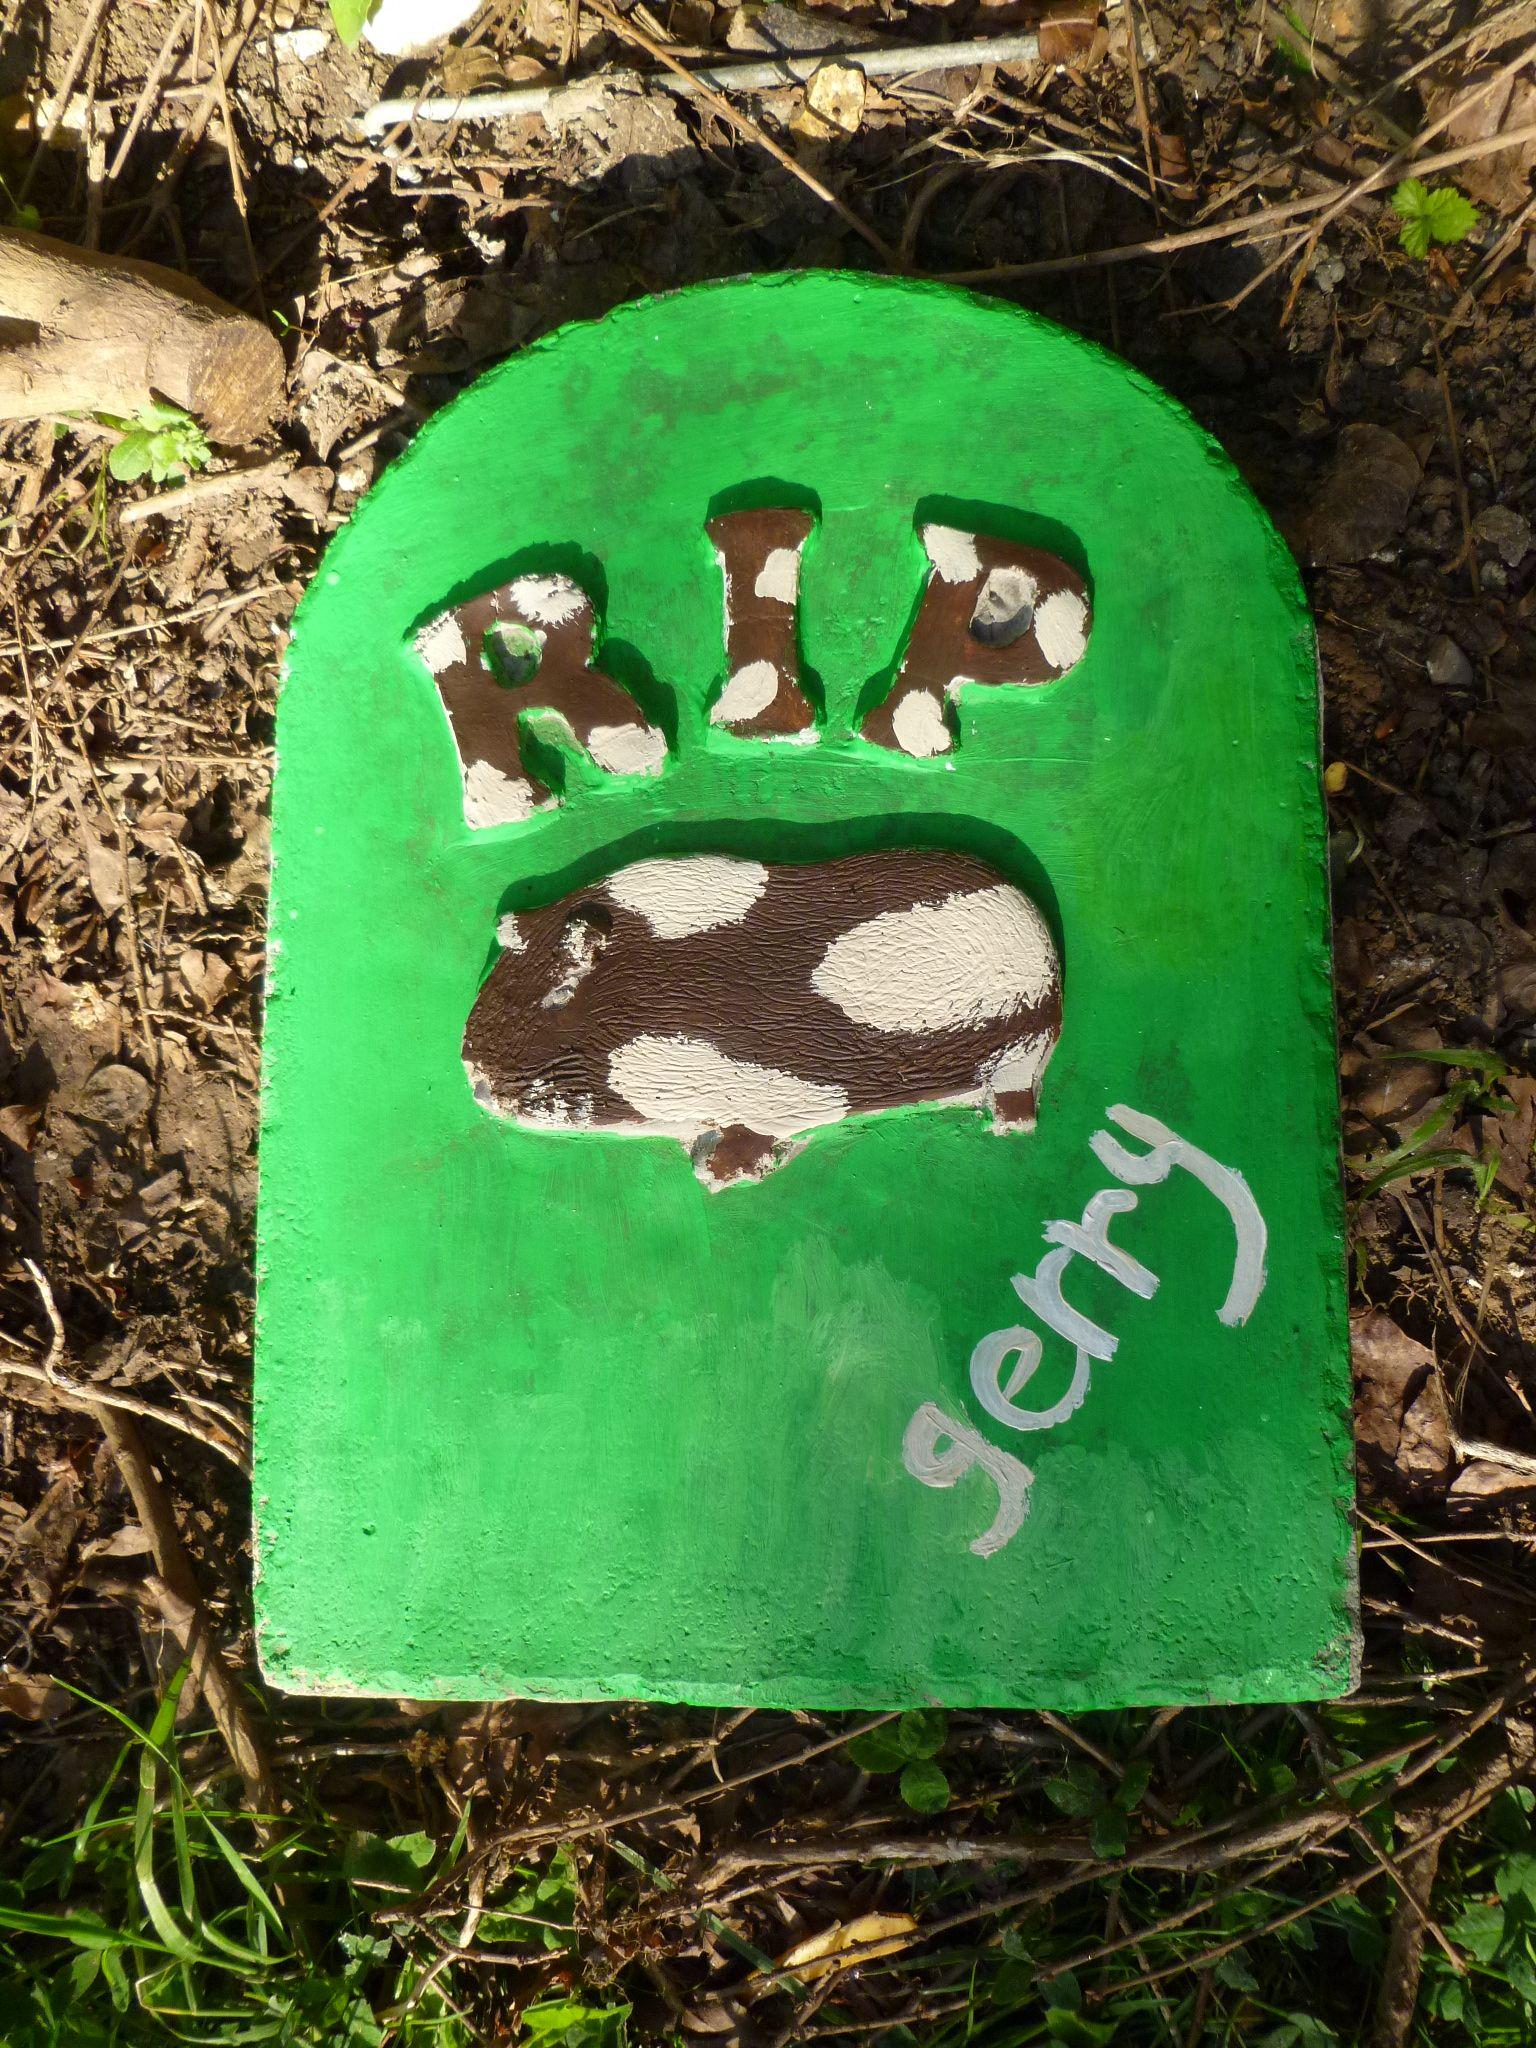 For 'Gerry' the Guinea pig